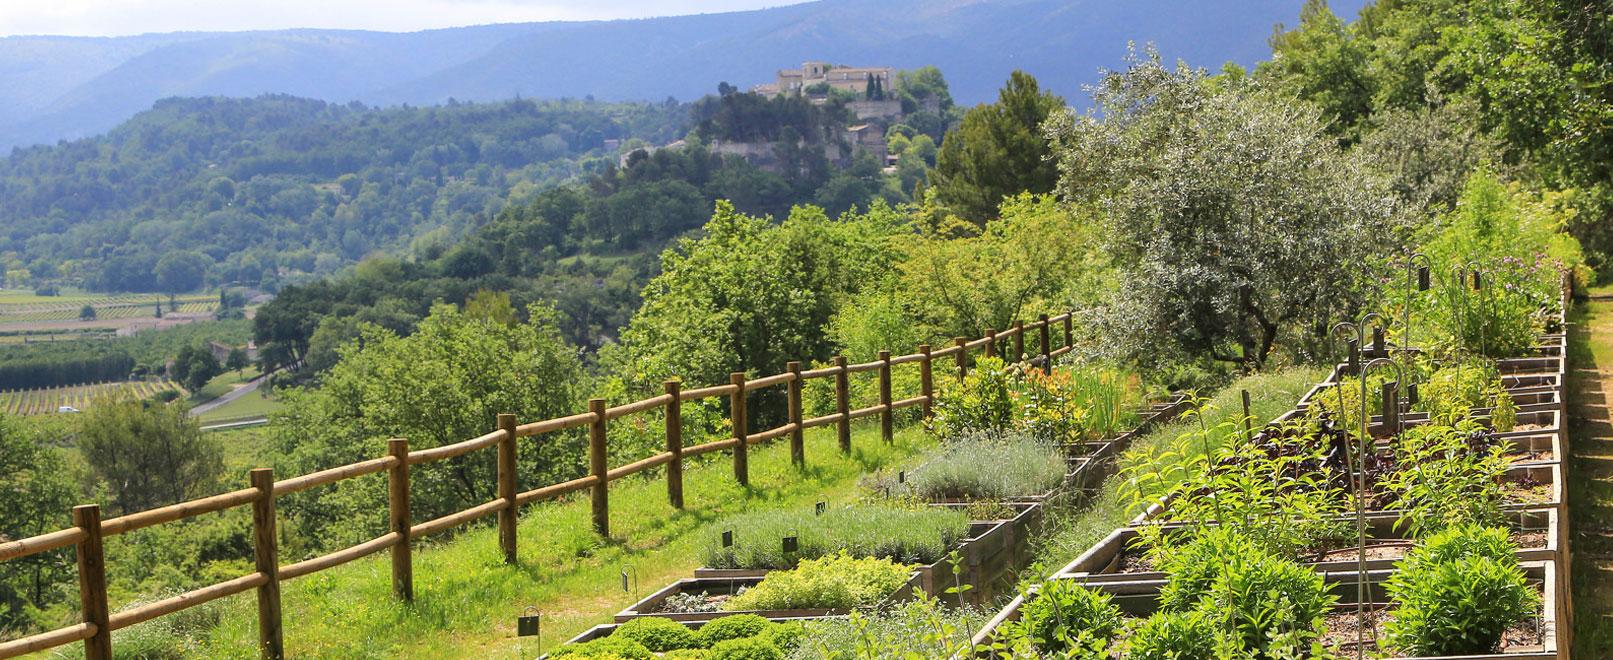 Visita botánica en el Domaine de la Citadelle